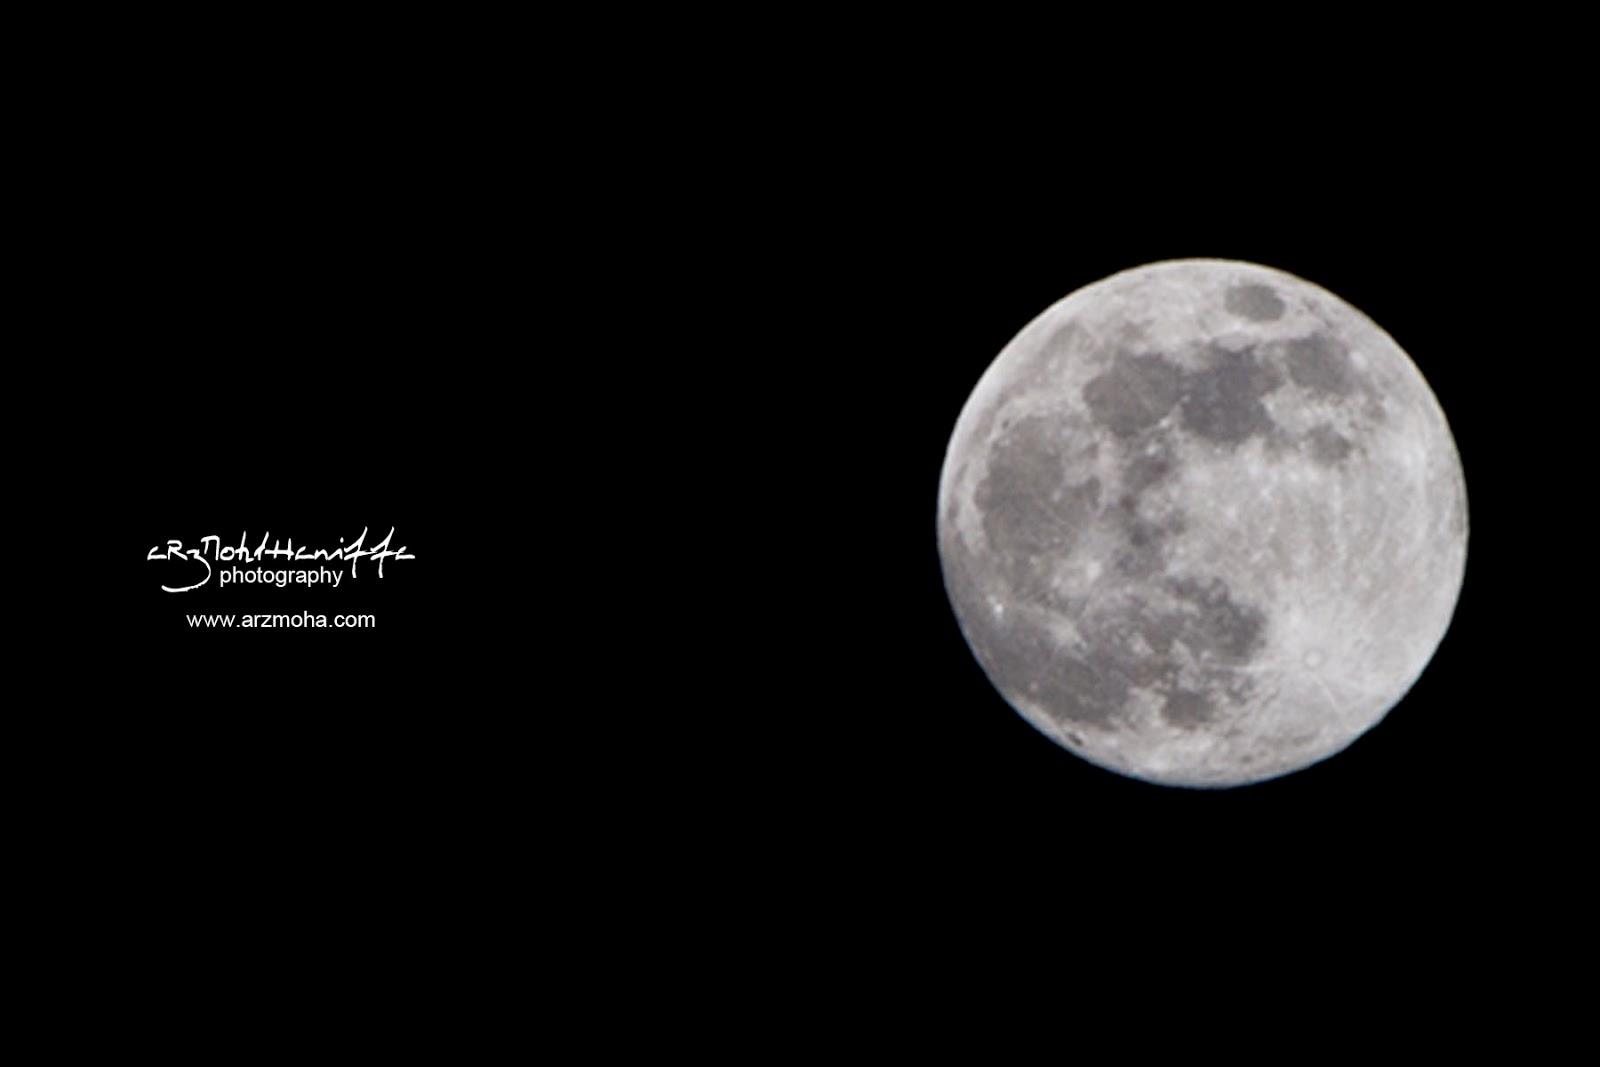 Full moon, bulan penuh, bulan mengambang, indahnya bulan, malam ini, kejadian malam, gambar cantik, arzmoha.com, arzmohdhaniffa photography